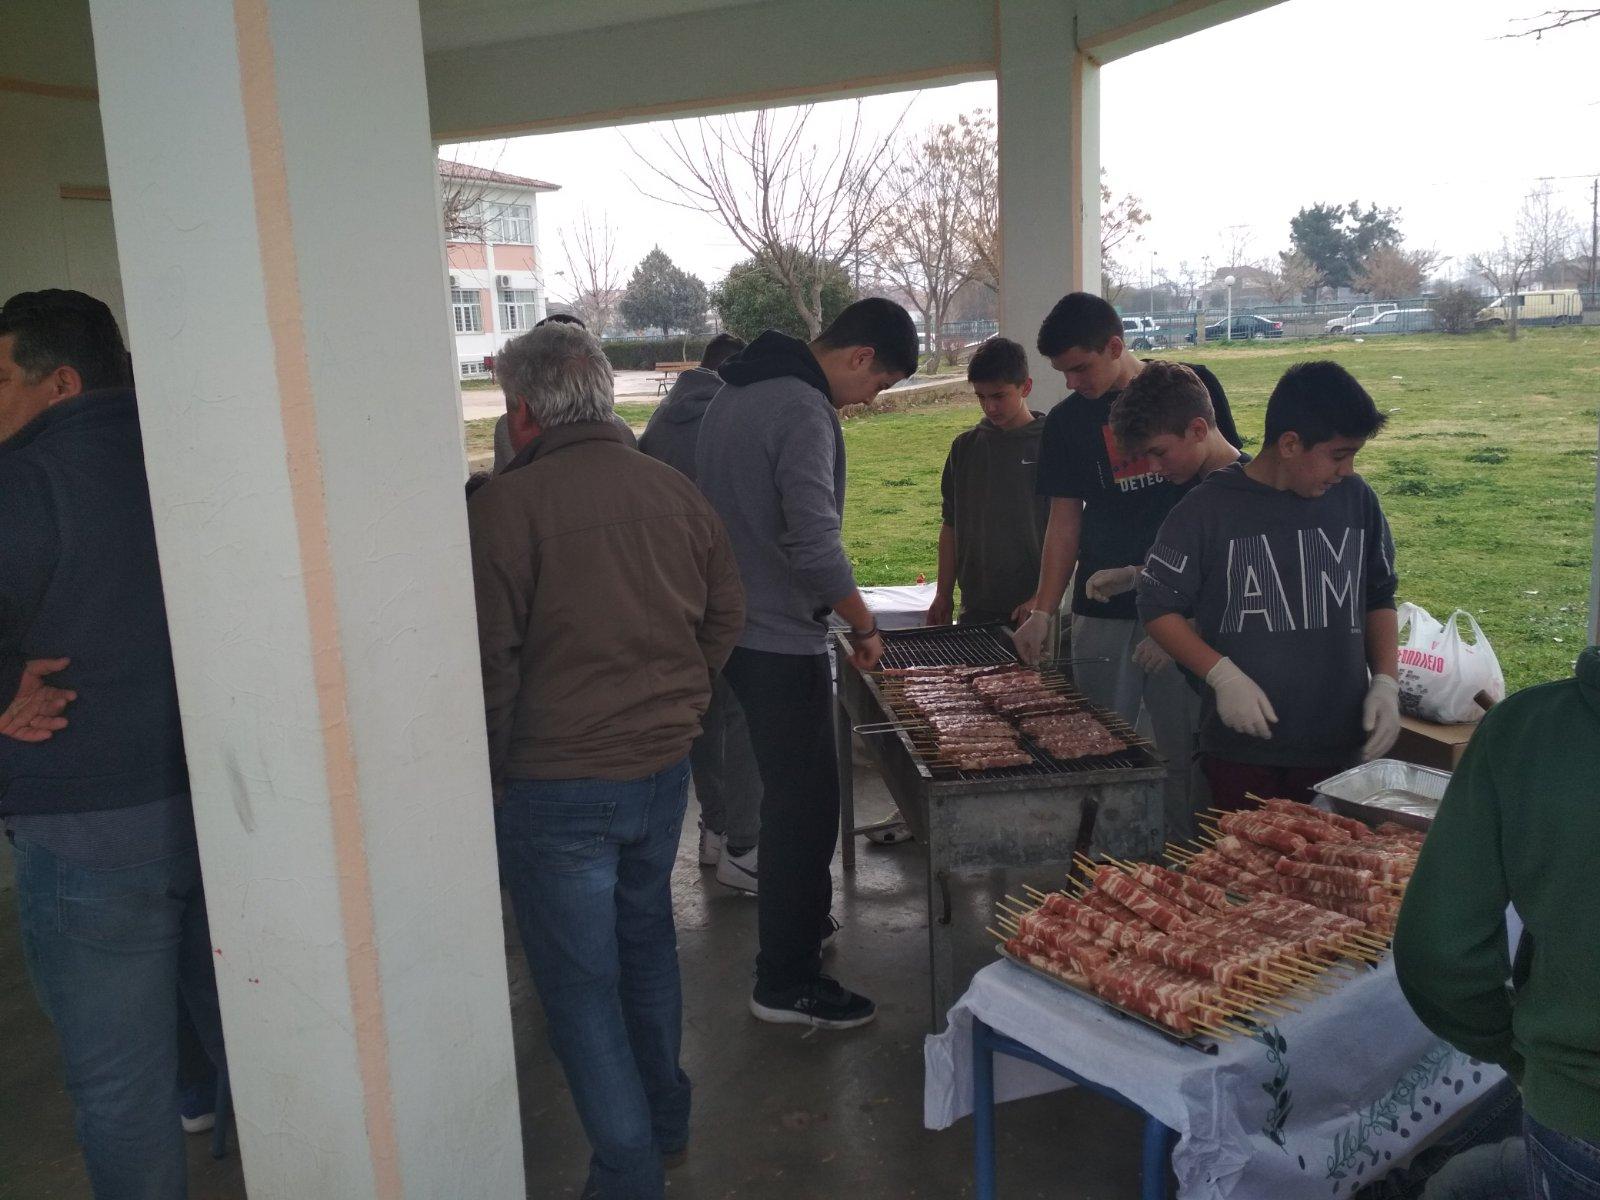 Το Γυμνάσιο Αμπελώνα ευχαριστεί για την προσφορά κρεάτων στην εκδήλωση της Τσικνοπέμπτης